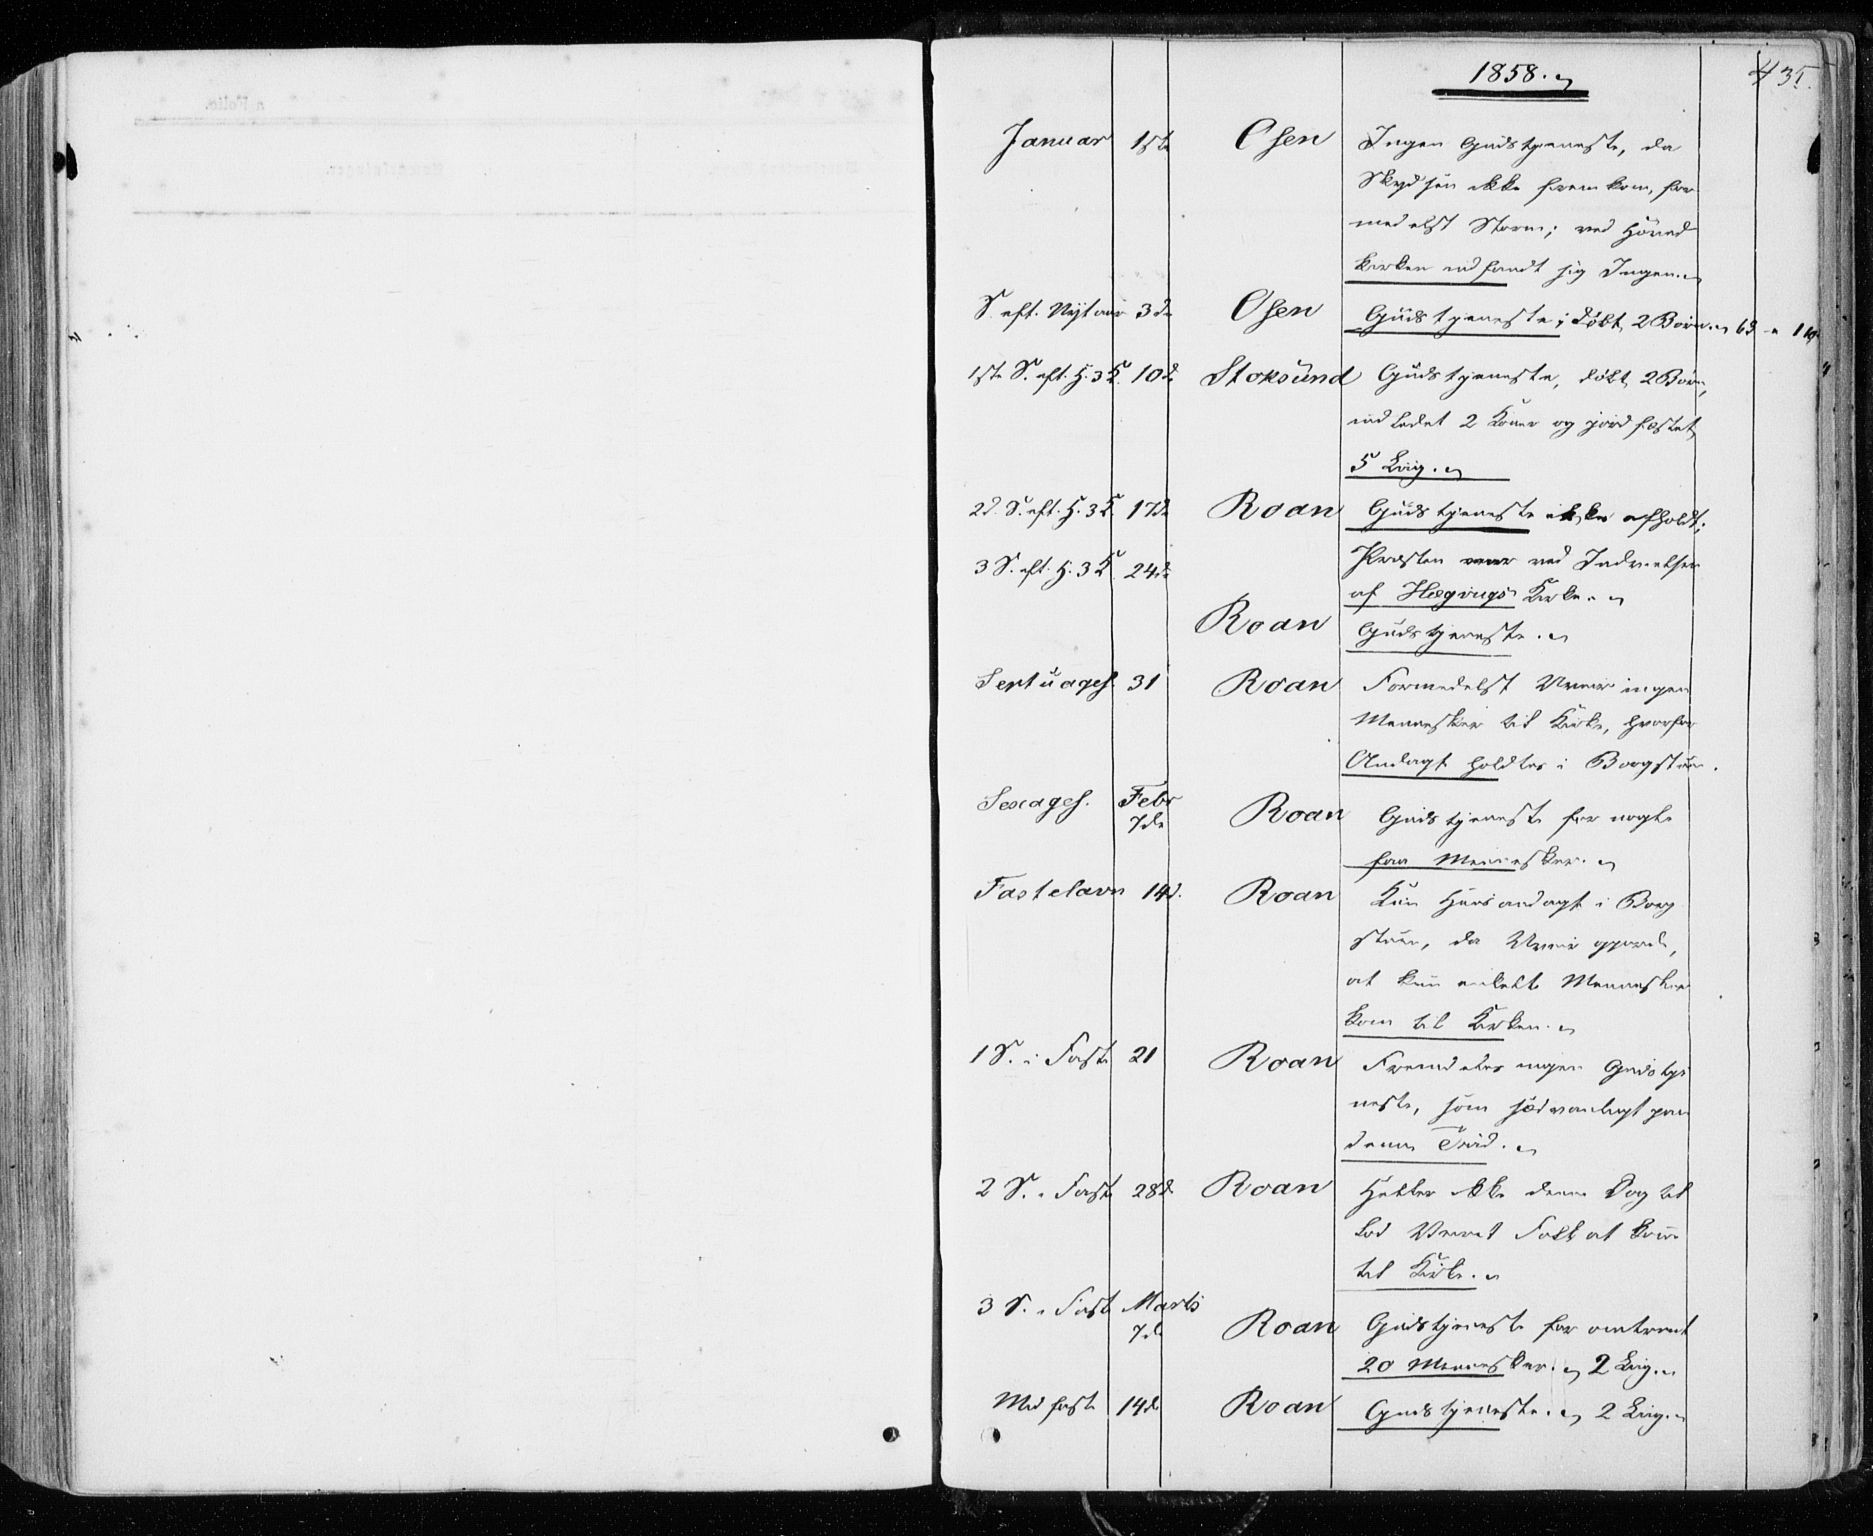 SAT, Ministerialprotokoller, klokkerbøker og fødselsregistre - Sør-Trøndelag, 657/L0705: Ministerialbok nr. 657A06, 1858-1867, s. 435